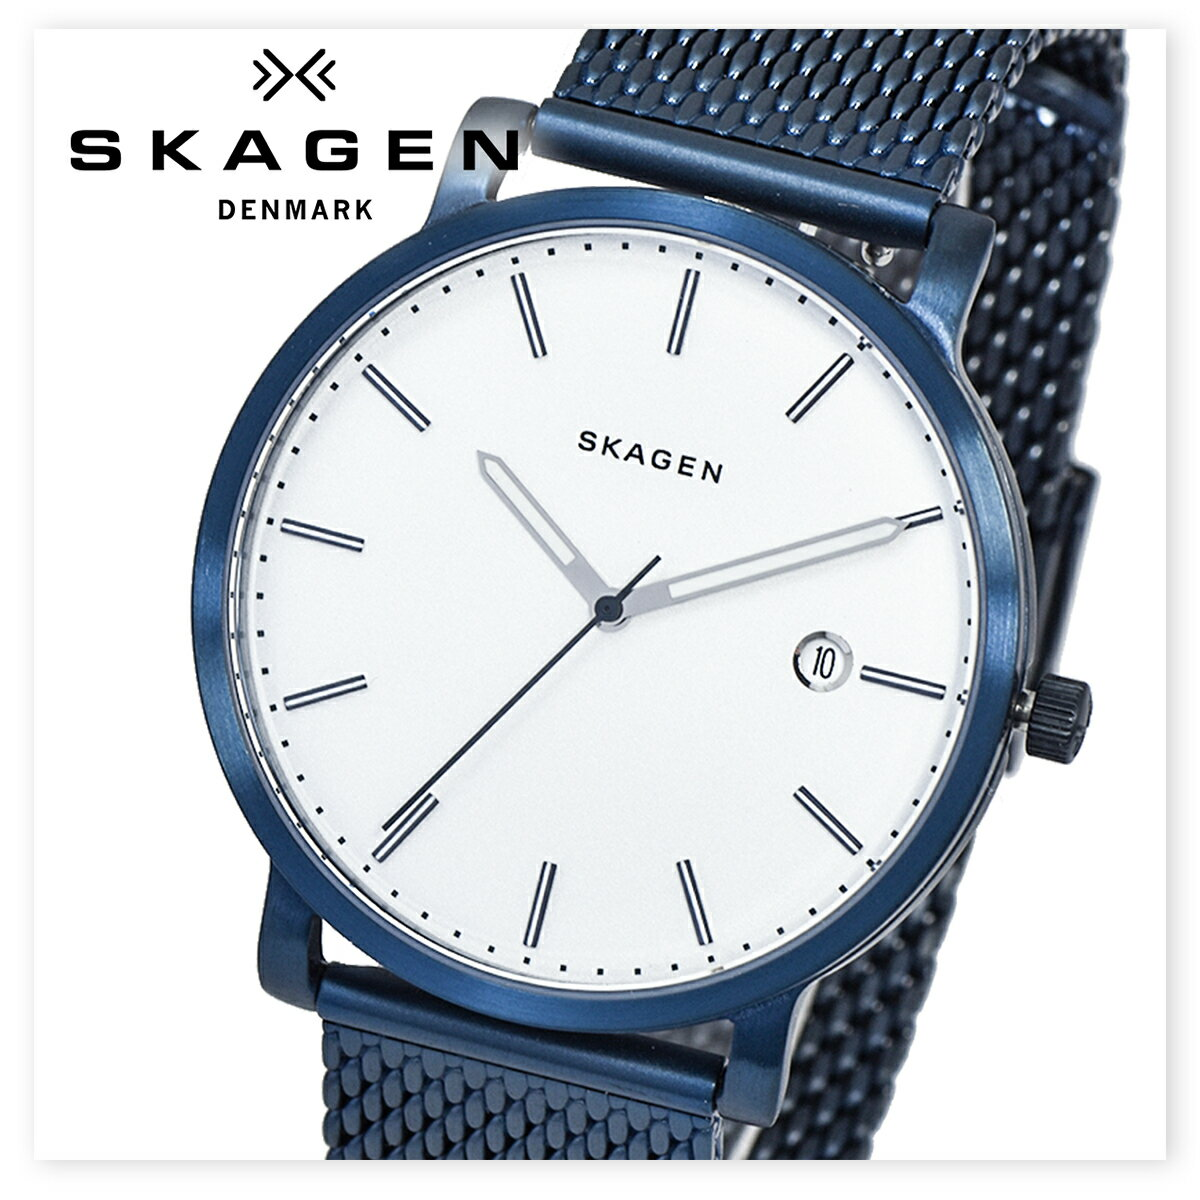 SKAGEN スカーゲン SKW6326 時計 腕時計 メンズ レディース ユニセックス 北欧 スリム プレゼント ギフト [海外正規商品][送料無料][あす楽]